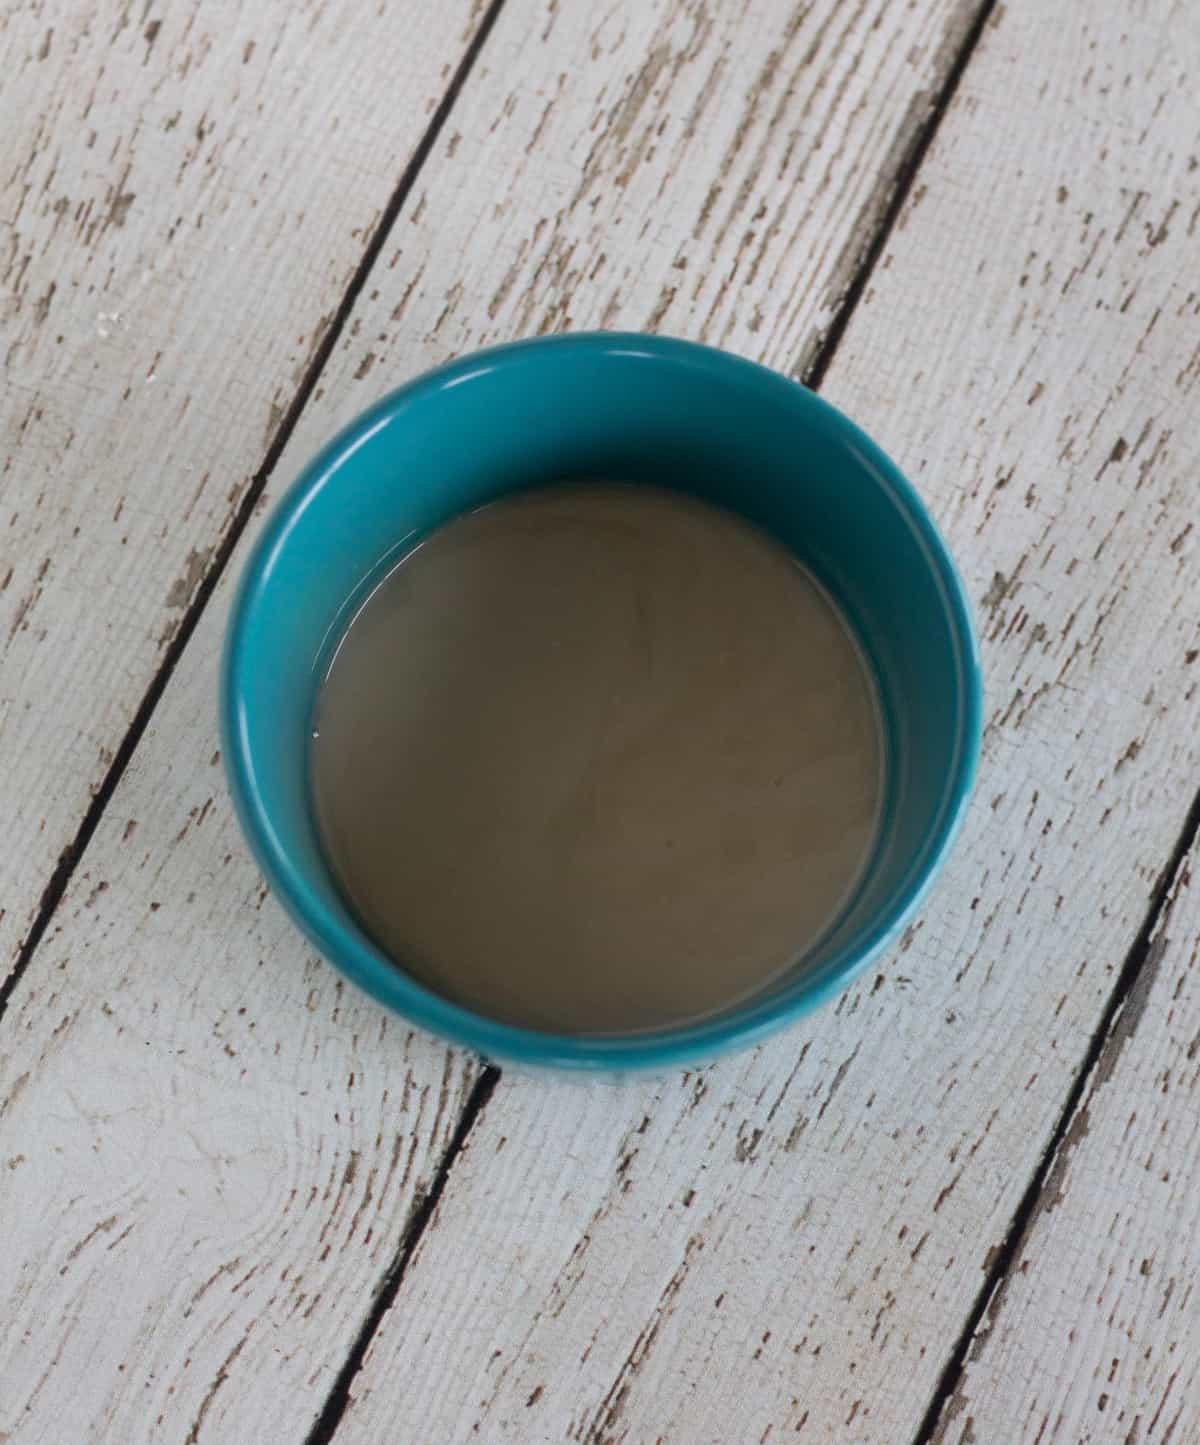 non-dairy milk and vinegar in small blue bowl